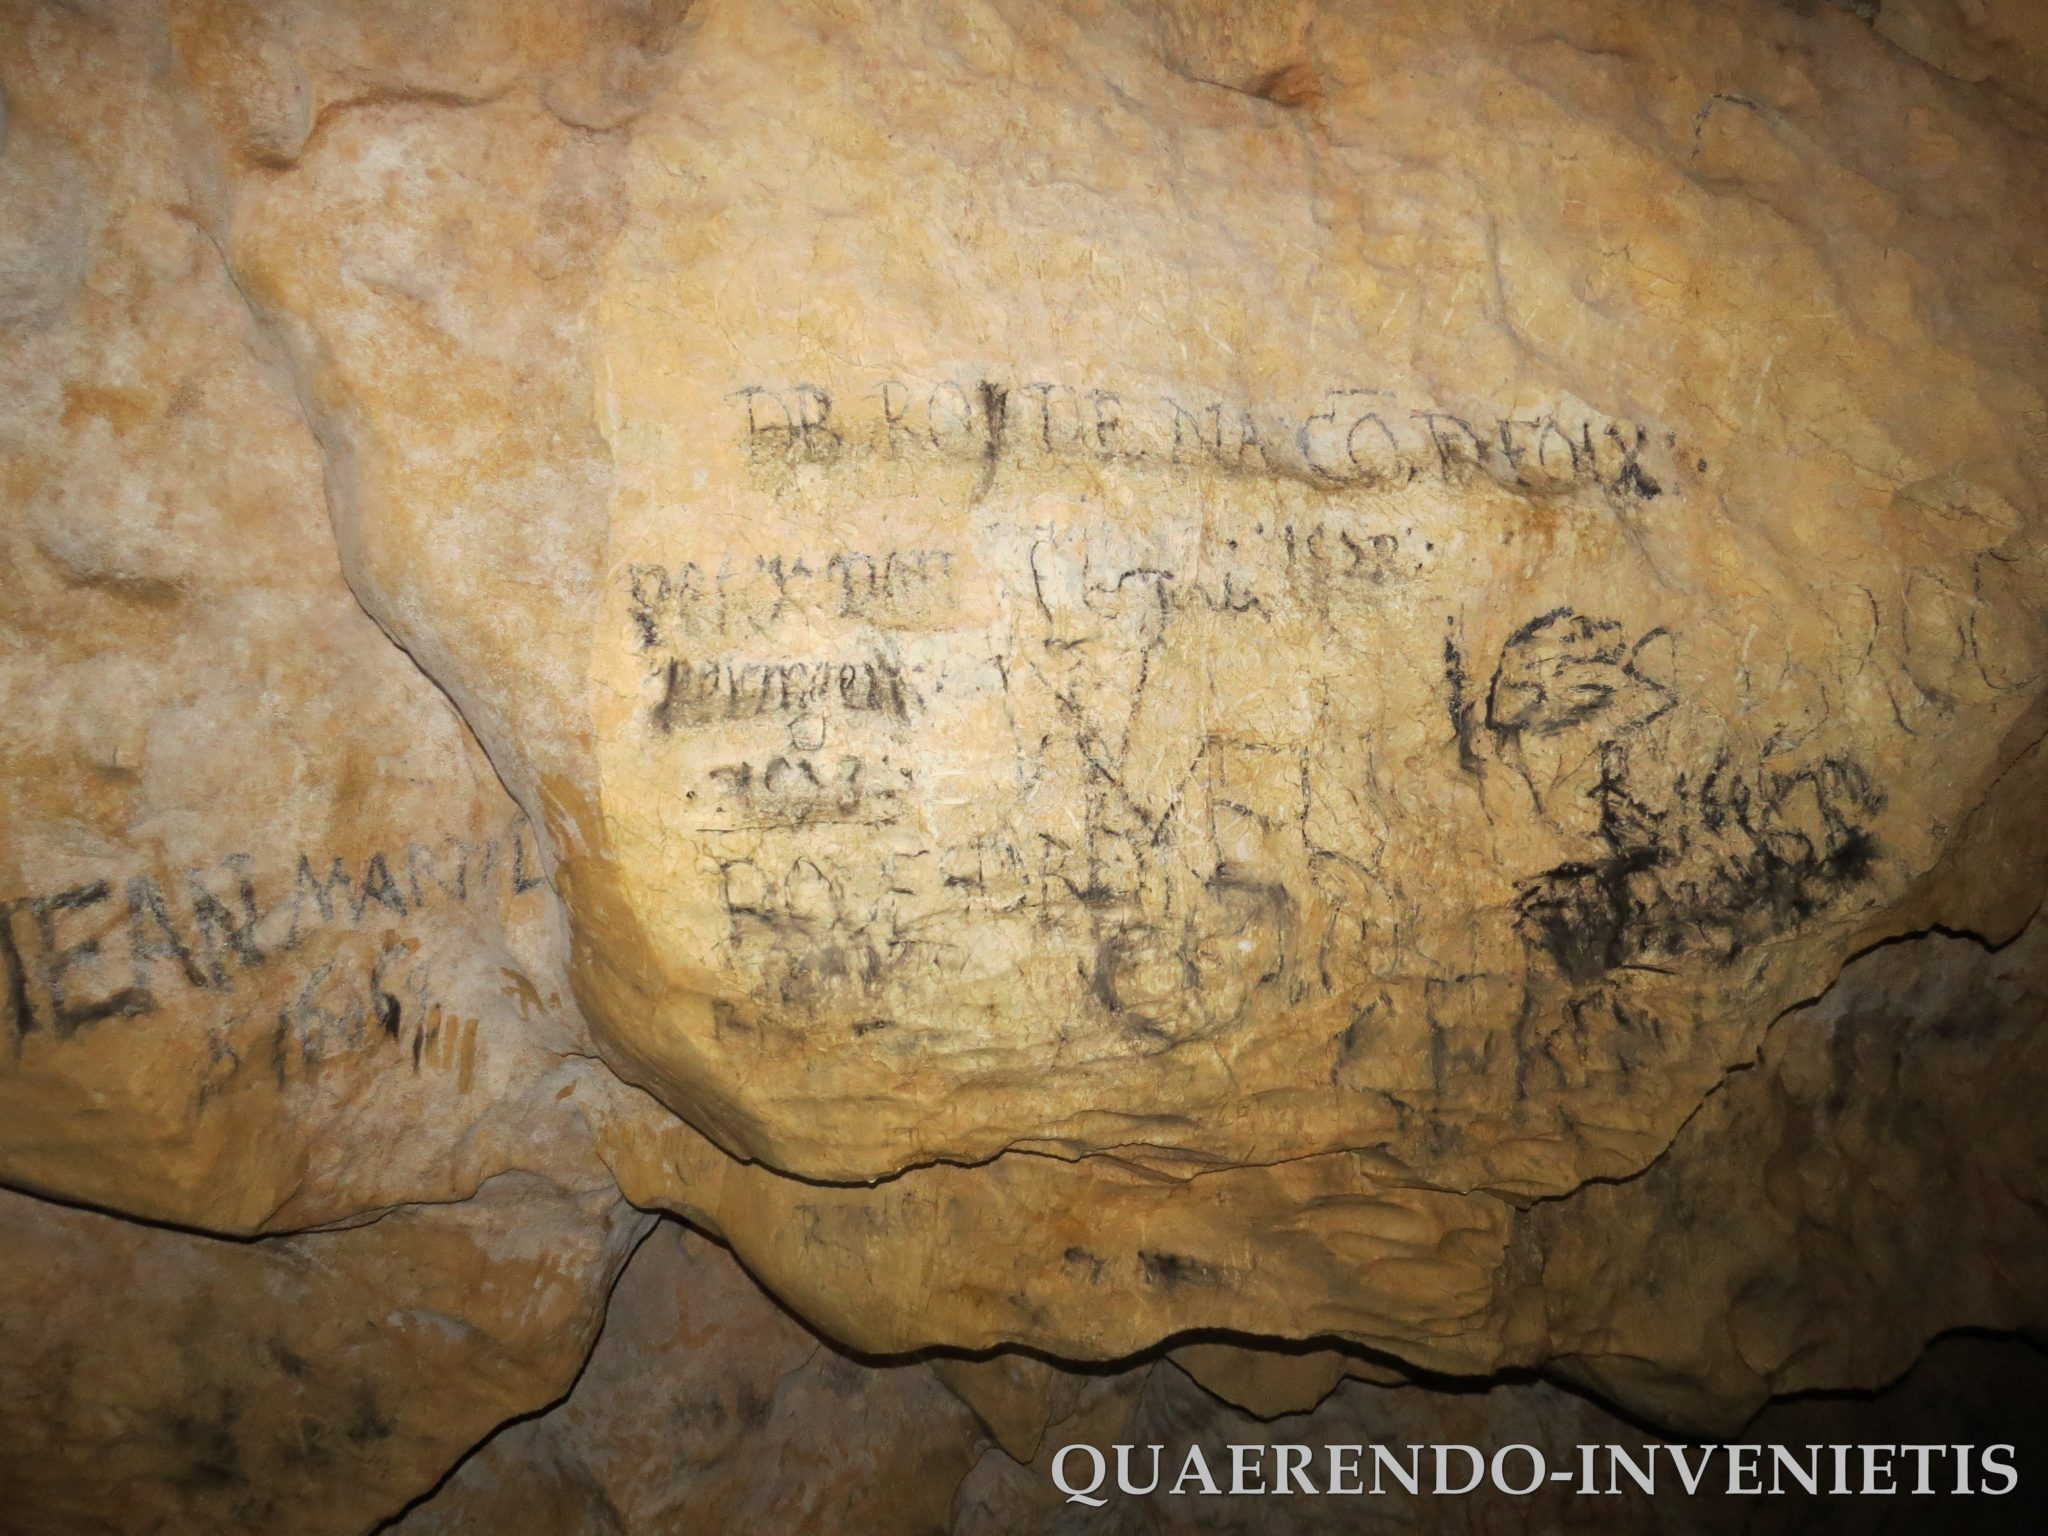 La cueva podría haber sido utilizada en tiempos remotos como templo solar y  según cuenta Josep Guijarro en su libro El Tesoro Oculto de los Templarios,  ...